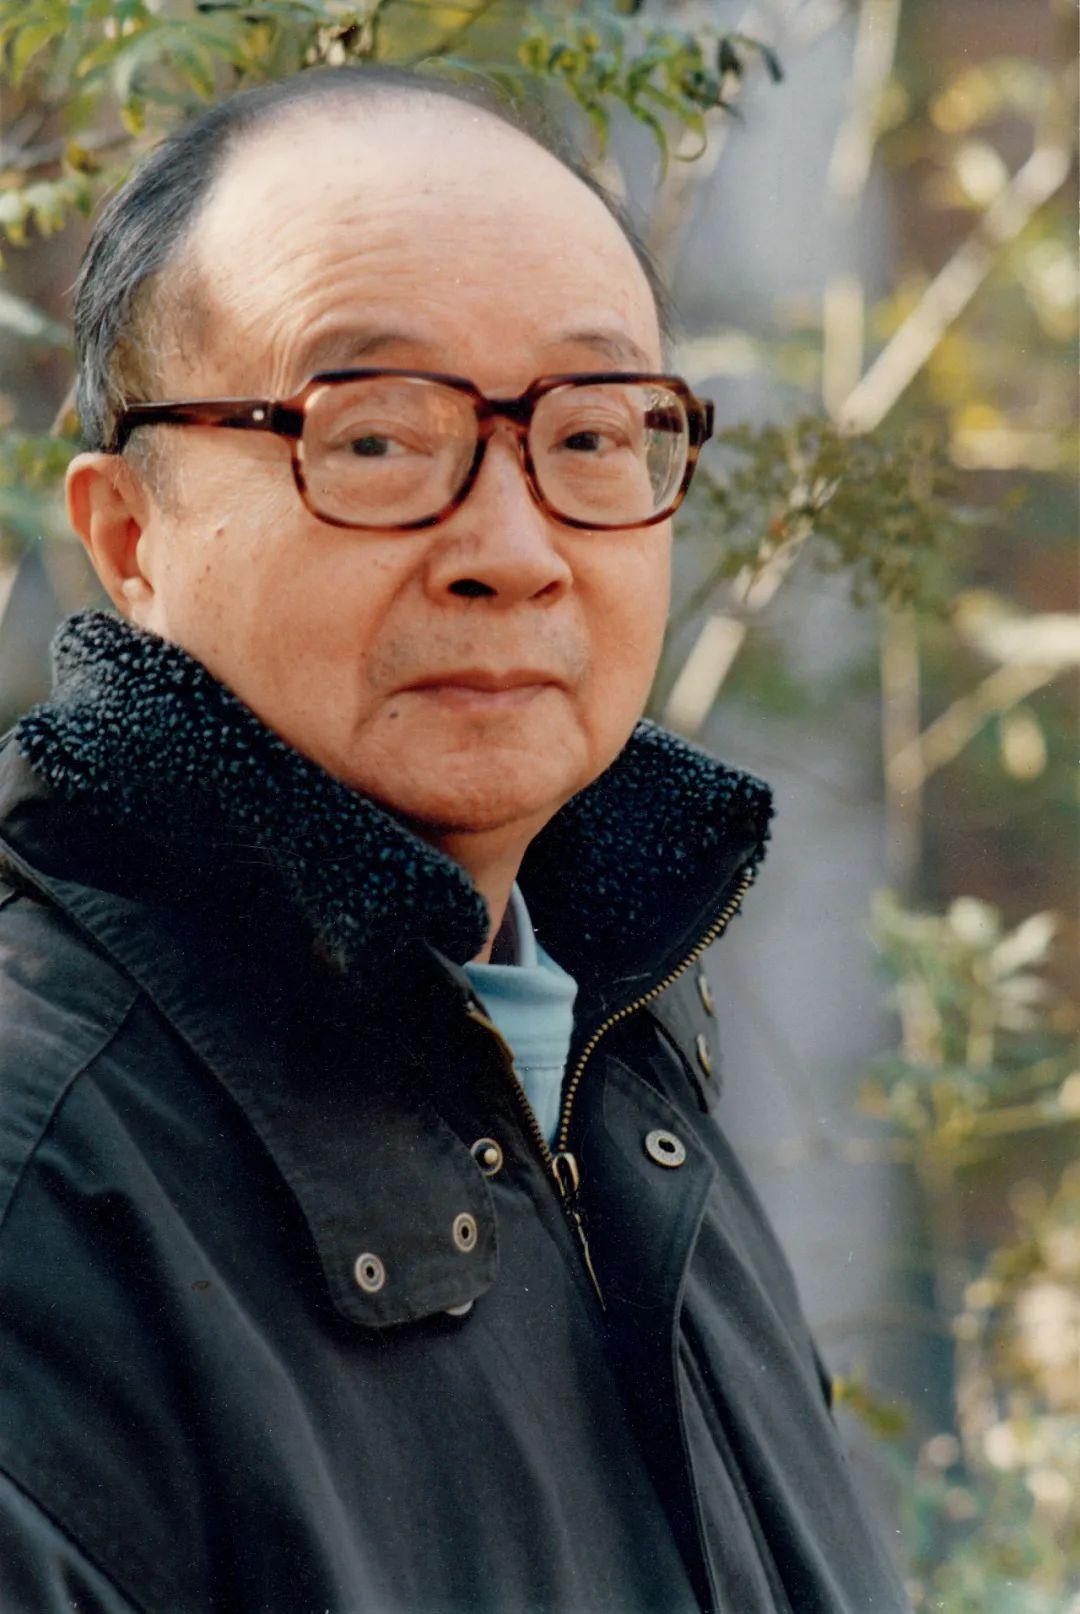 黄祖洽摄于1997年11月5日。图/受访者提供